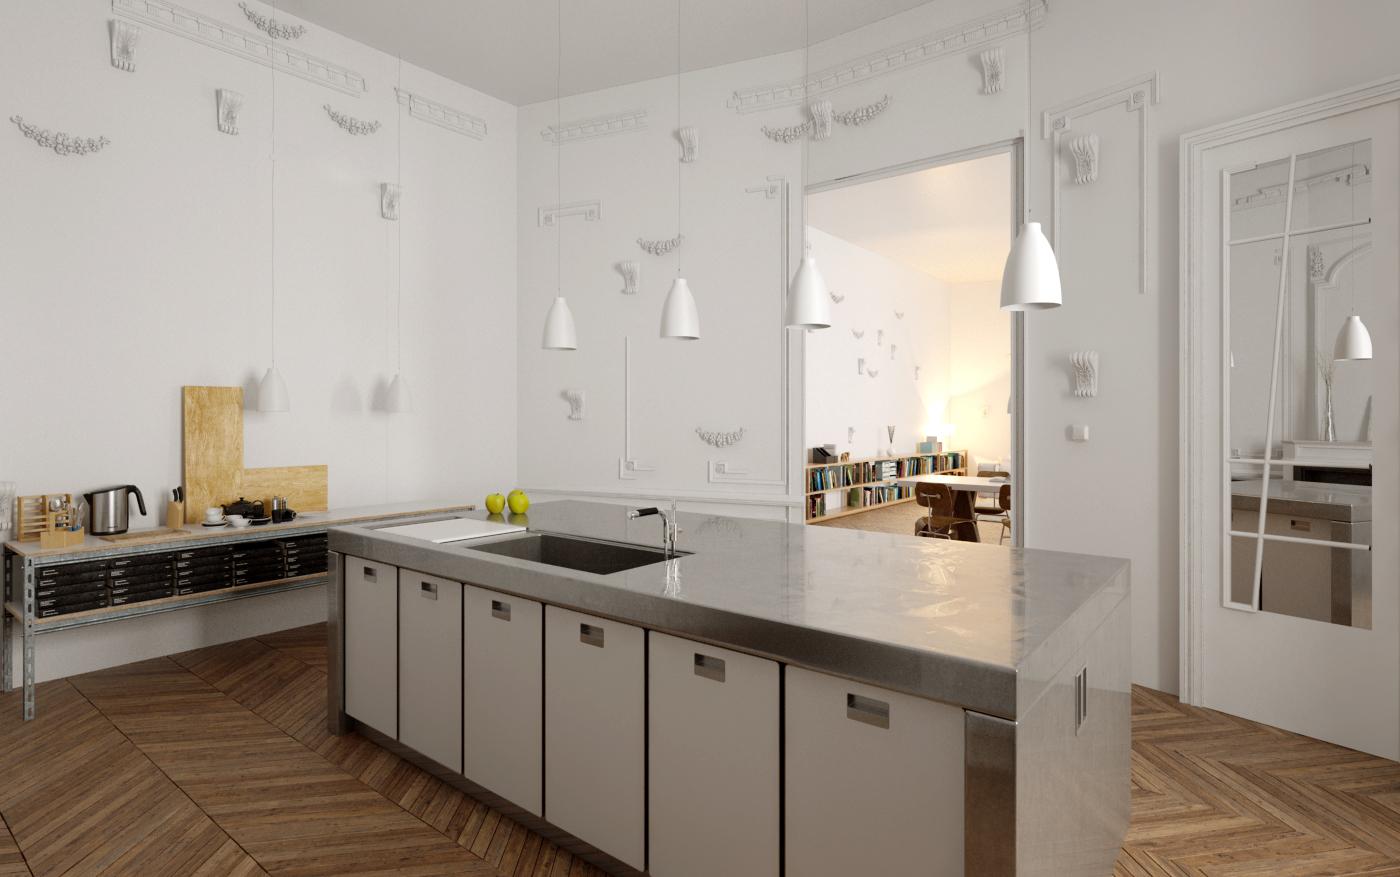 rénovation appartement : vue de la cuisine de l'appartement parisien